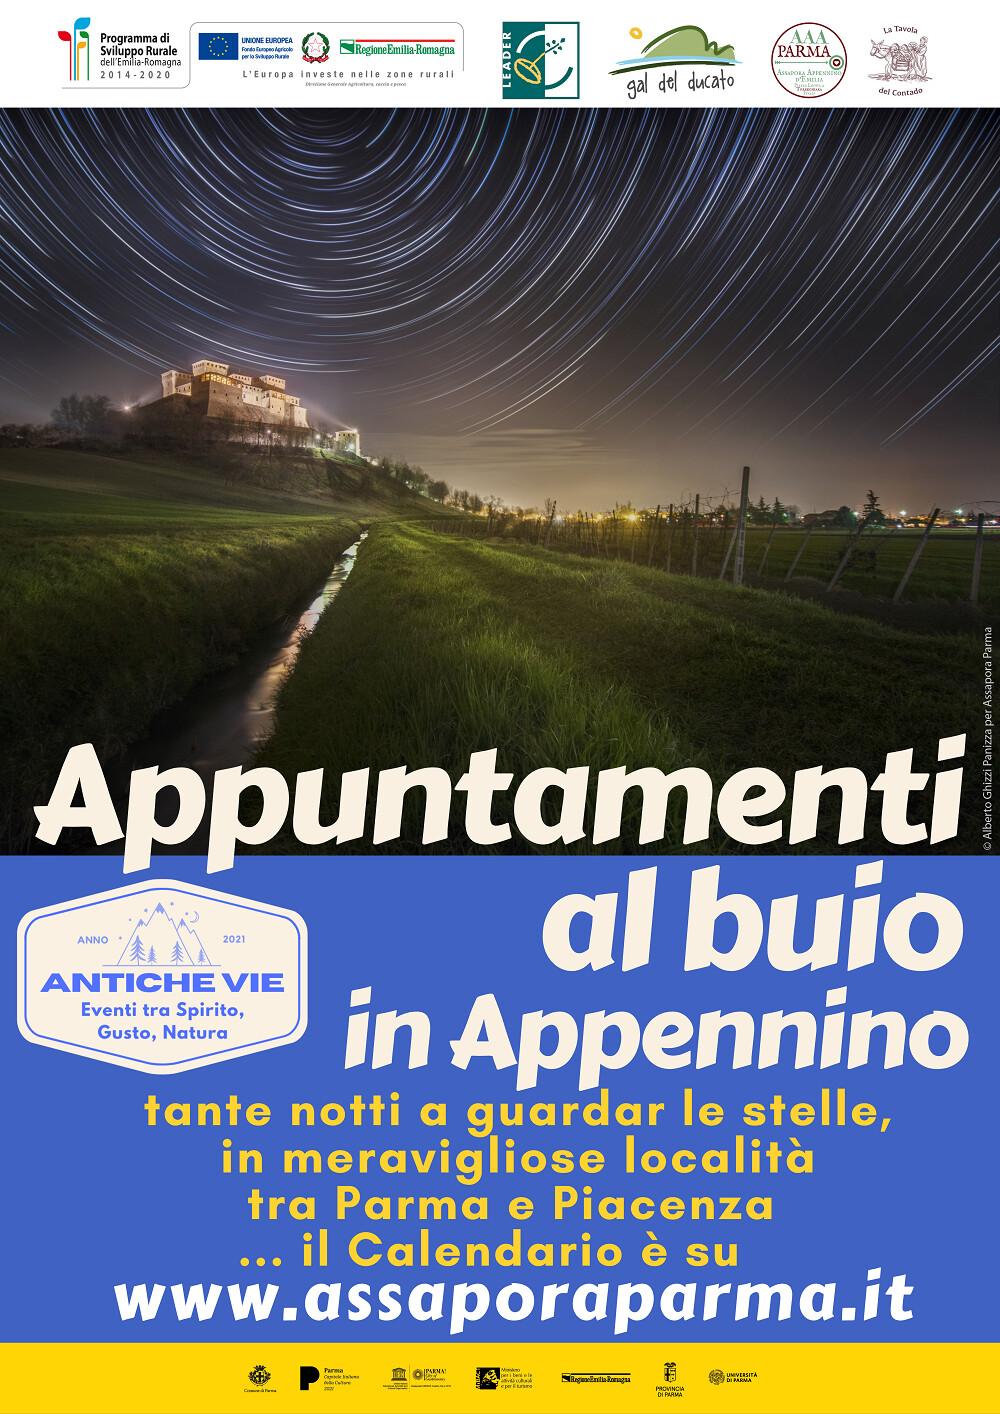 Appuntamenti al buio in Appennino - Eventi Antiche Vie Tante notti a guardar le stelle, in meravigliose località dell'Appennino Emiliano